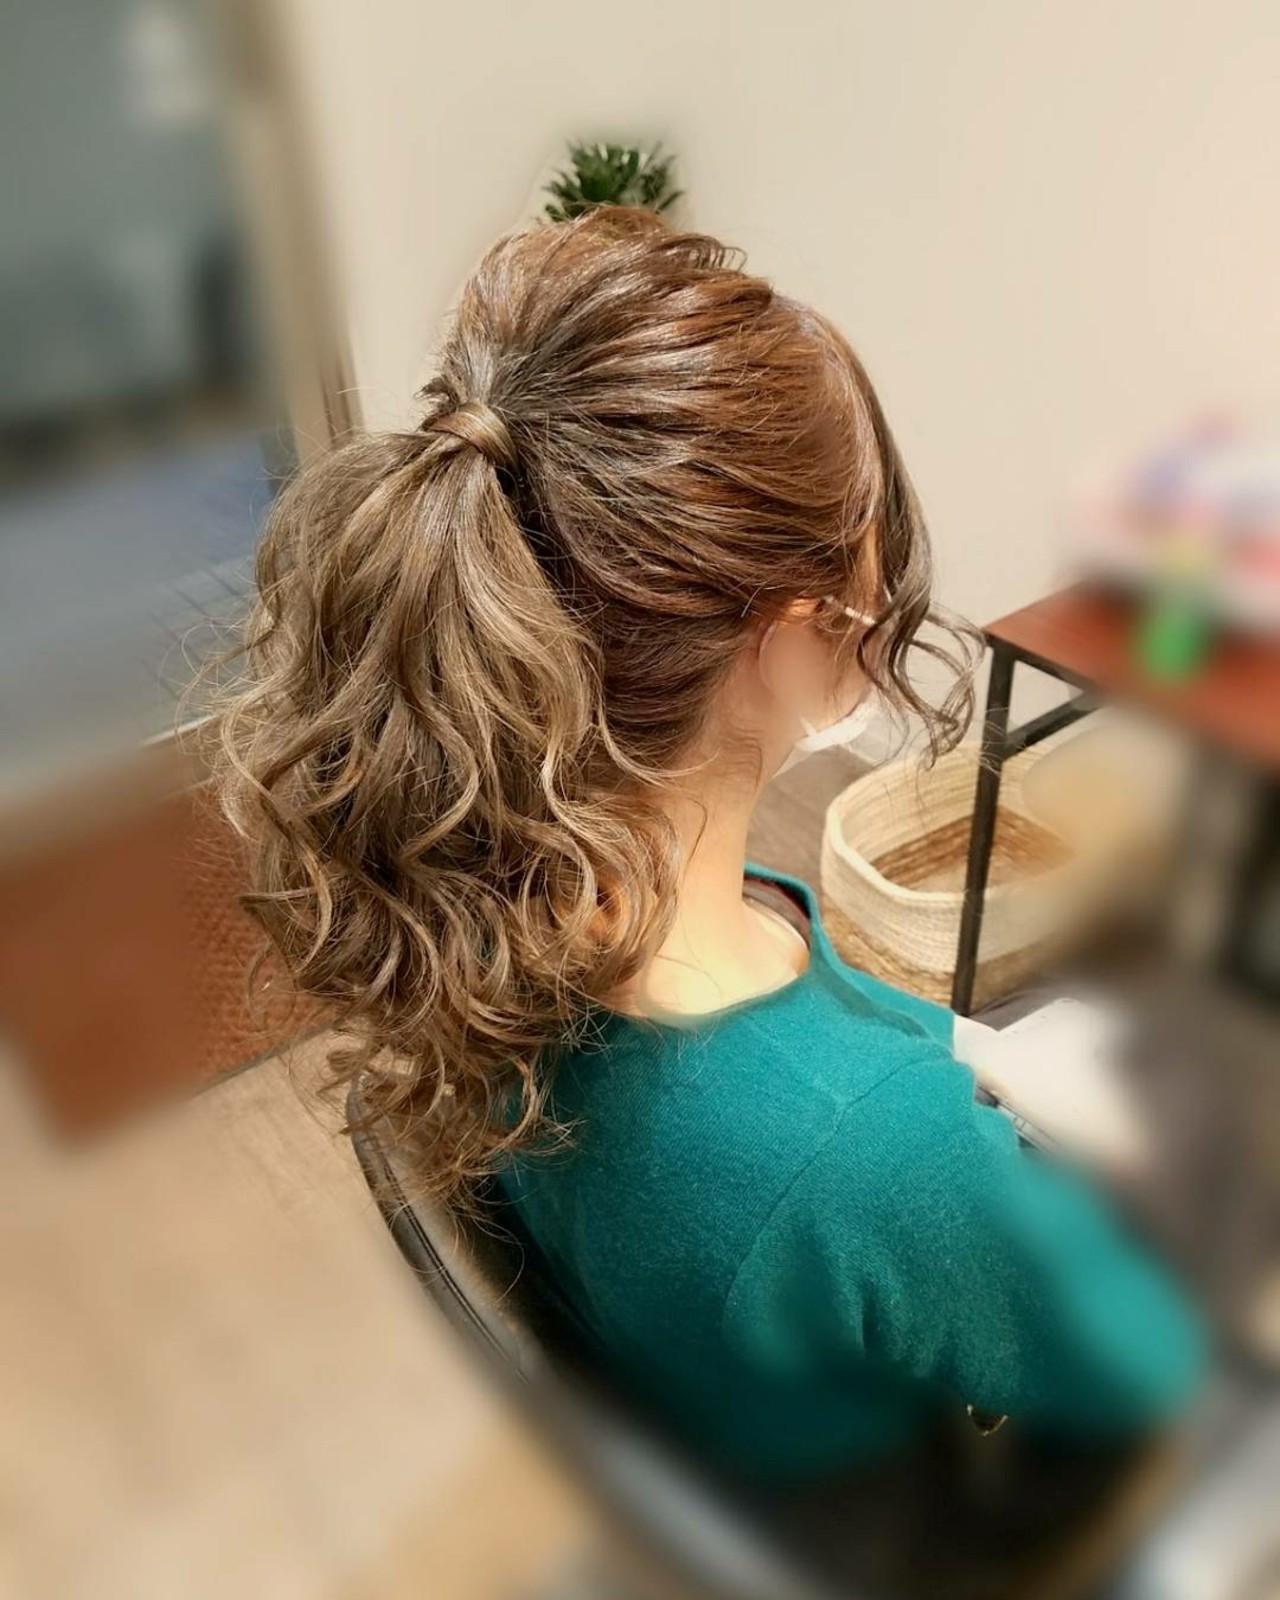 ナチュラル ポニーテール セミロング ヘアスタイルや髪型の写真・画像